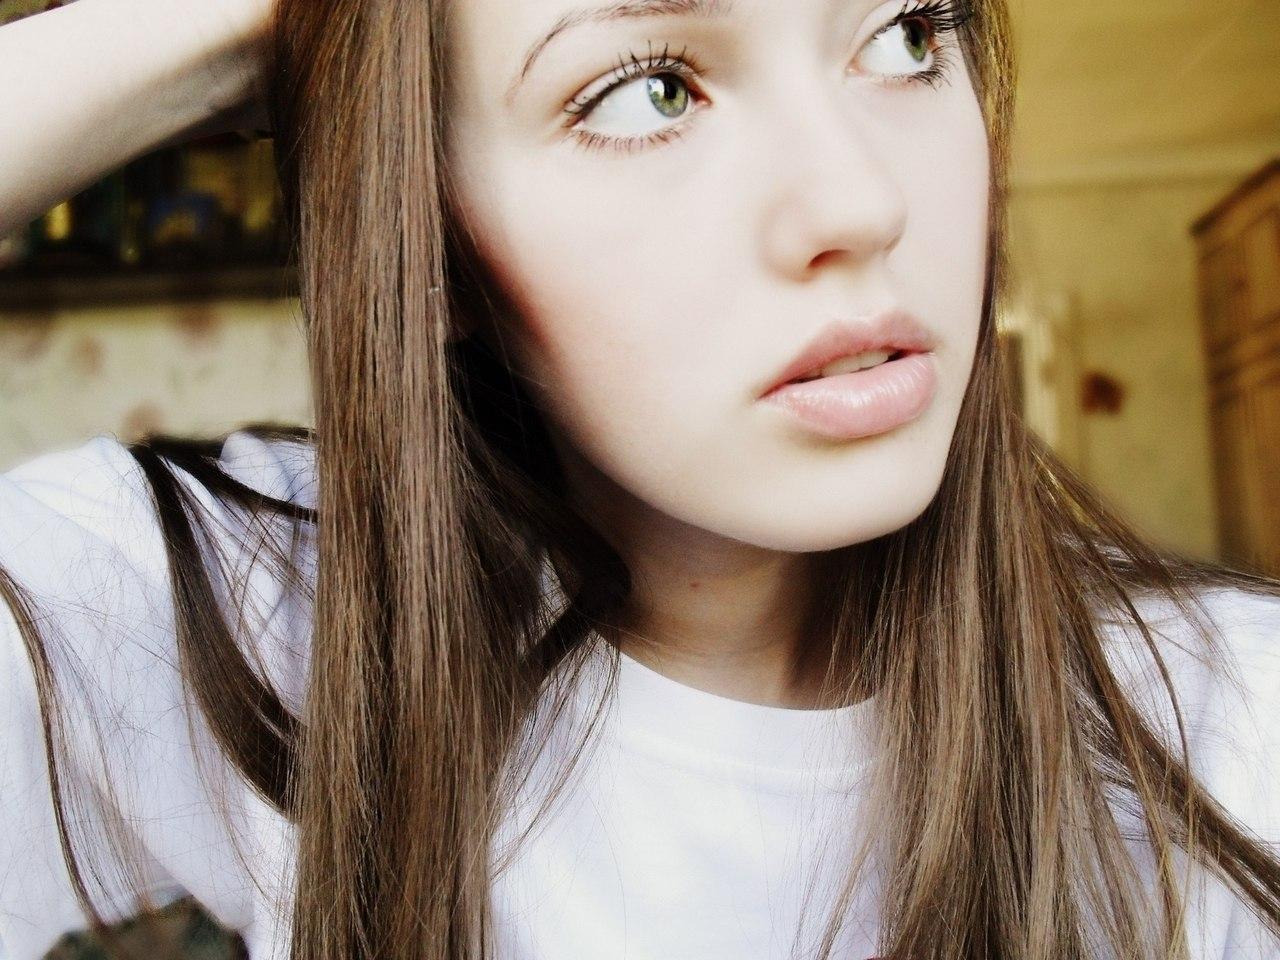 Анастасия костенко без макияжа фото до и после